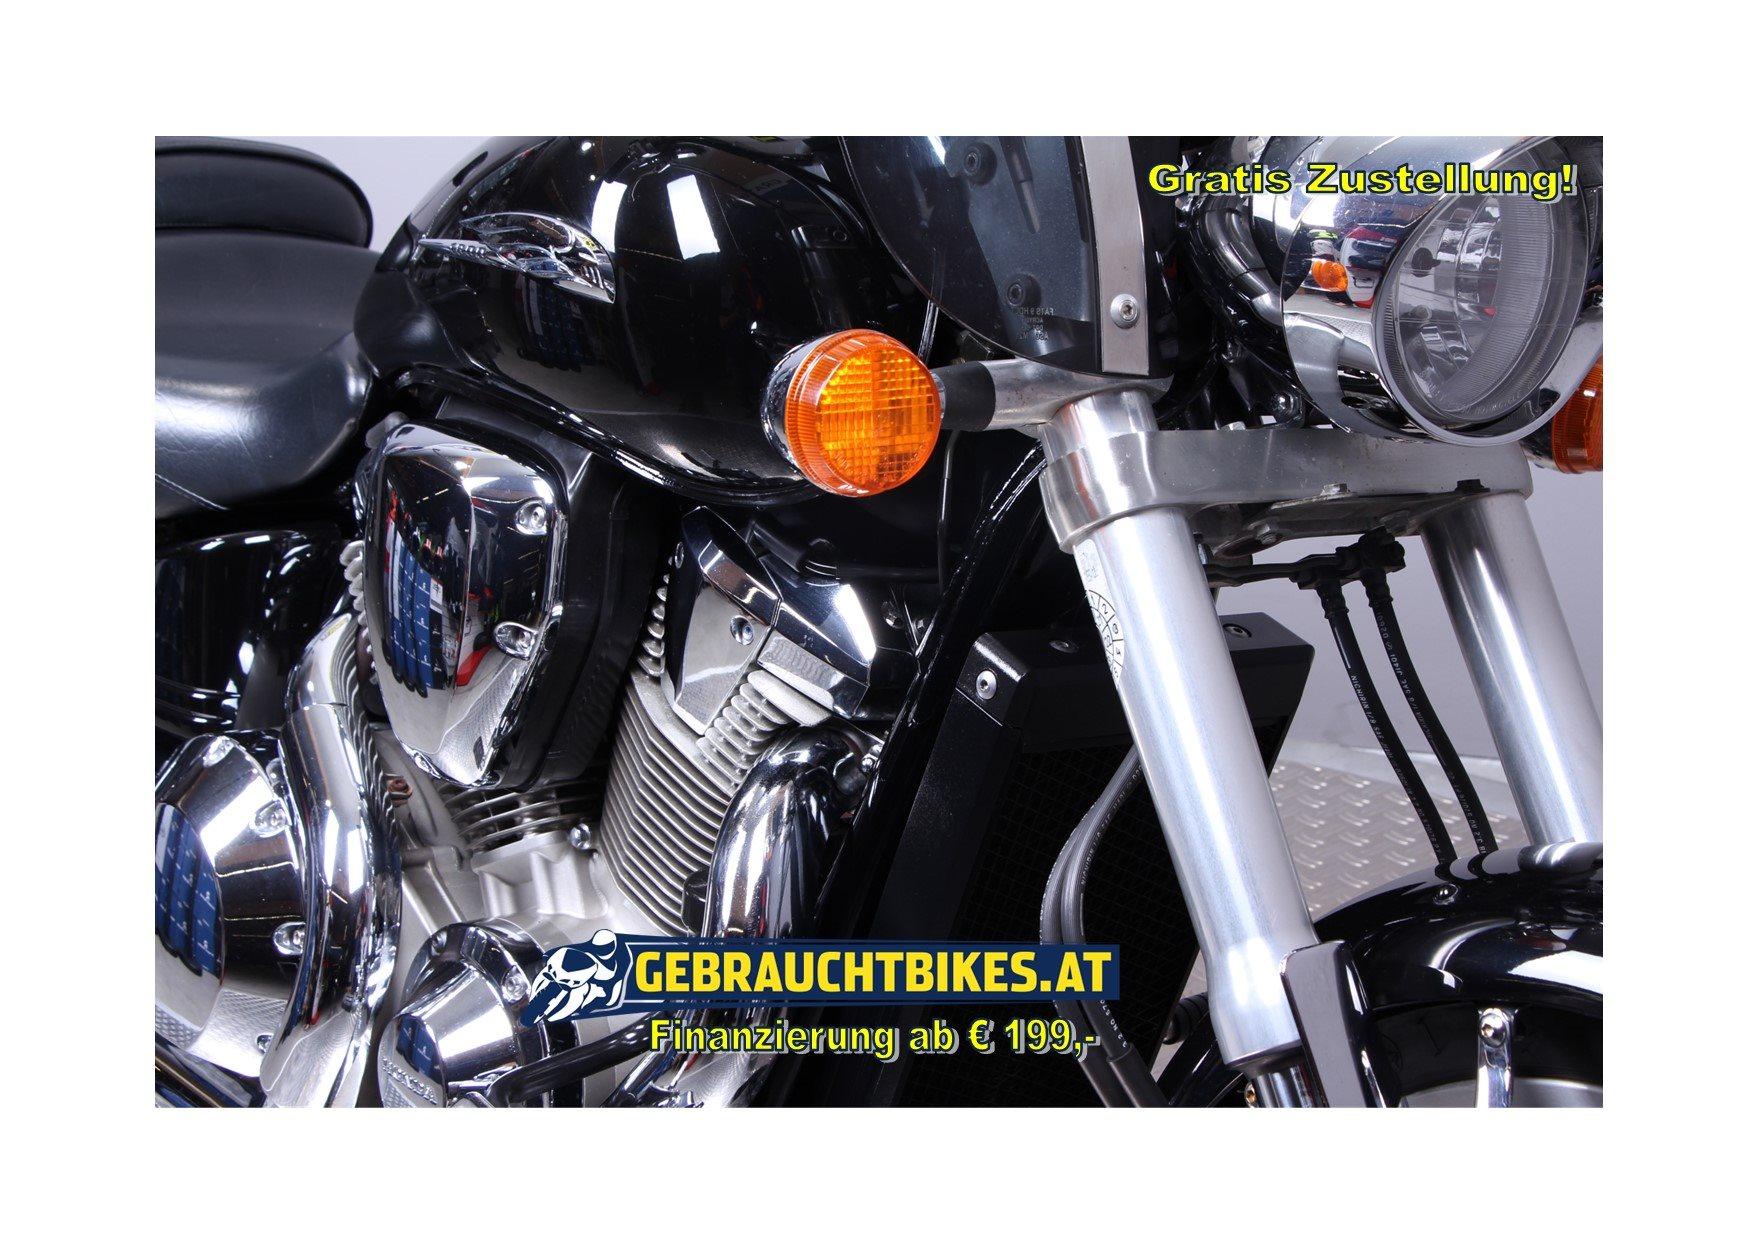 Honda VTX 1800 Motorrad, gebraucht